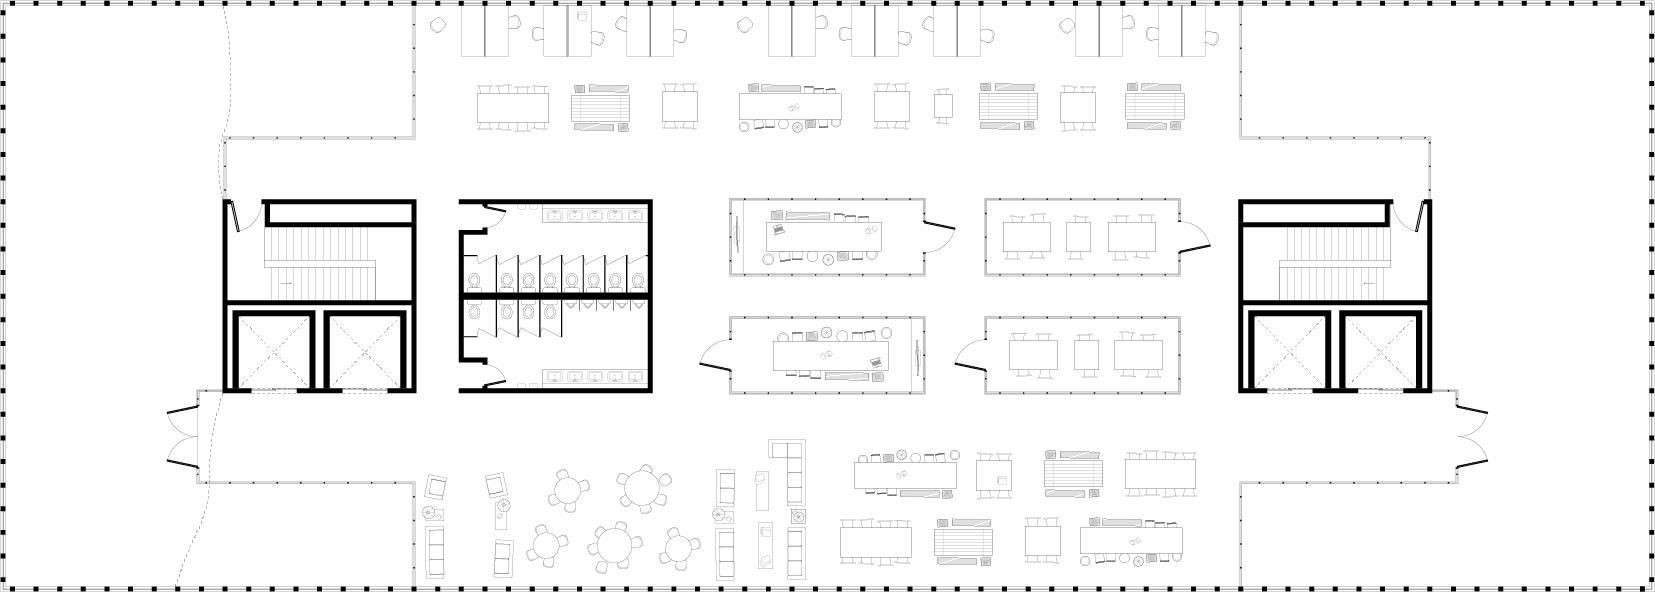 FLOOR 4 — Communal Work Space